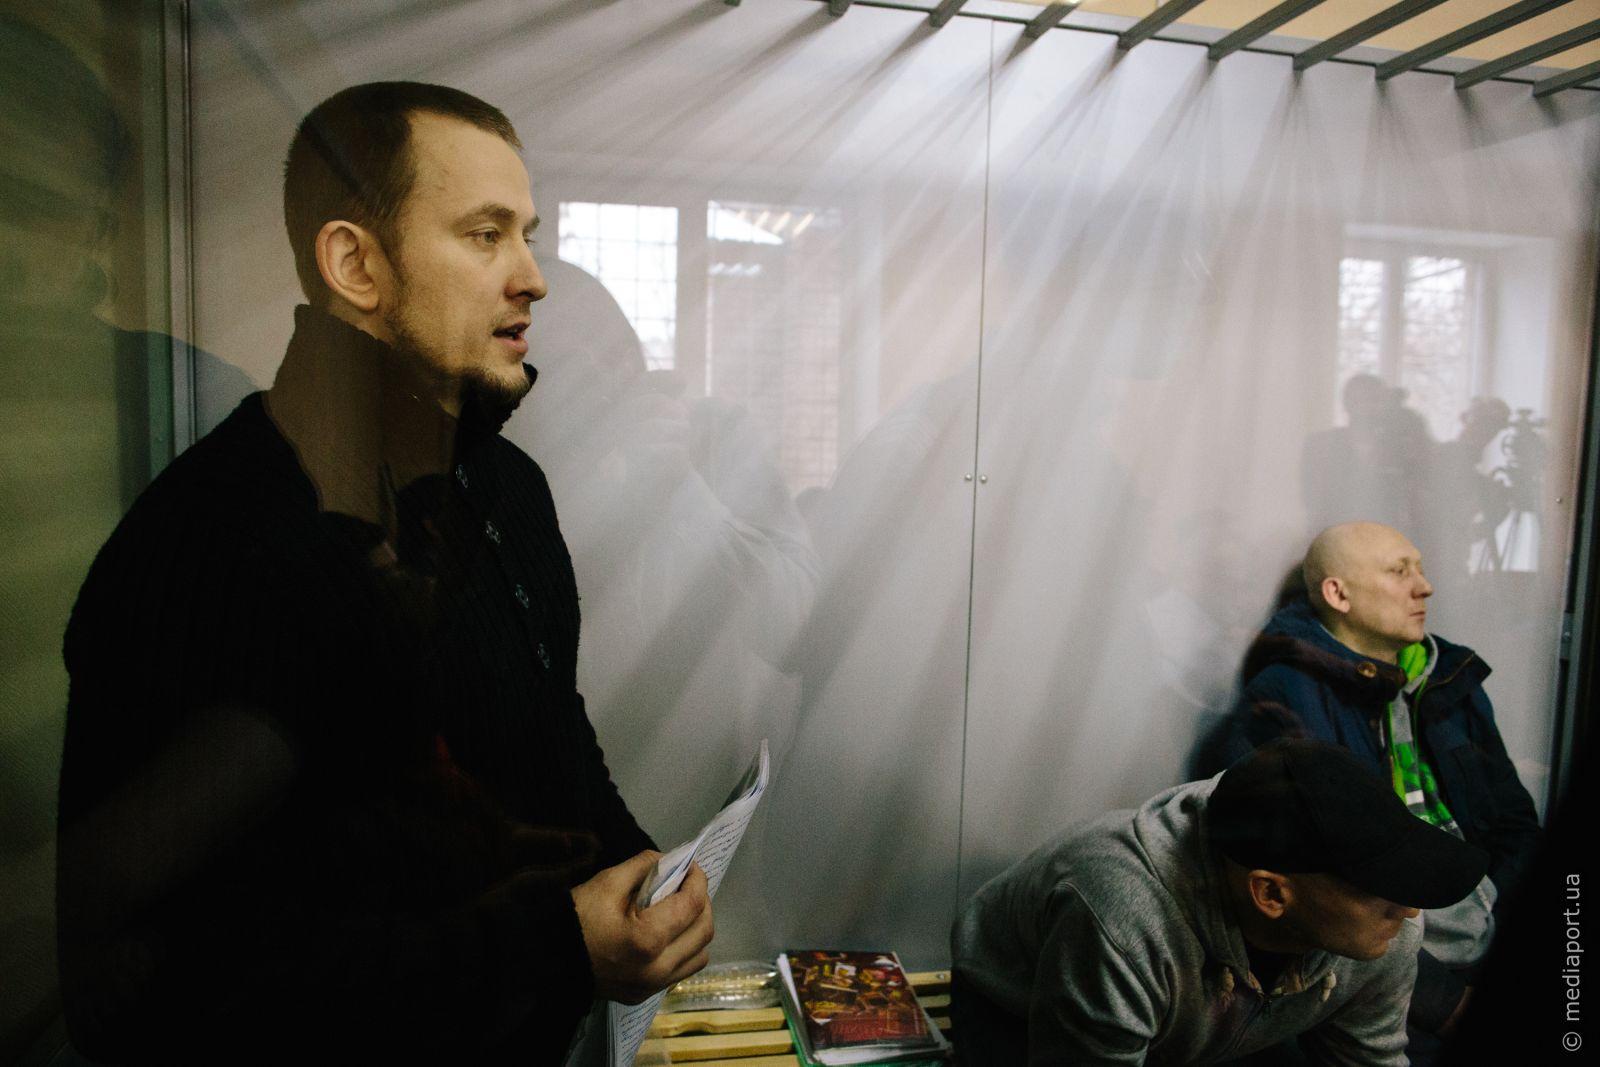 Обвинувачені у справі про теракт біля Палацу спорту під час розгляду у суді першої інстанції. Фото Павла Пахоменка